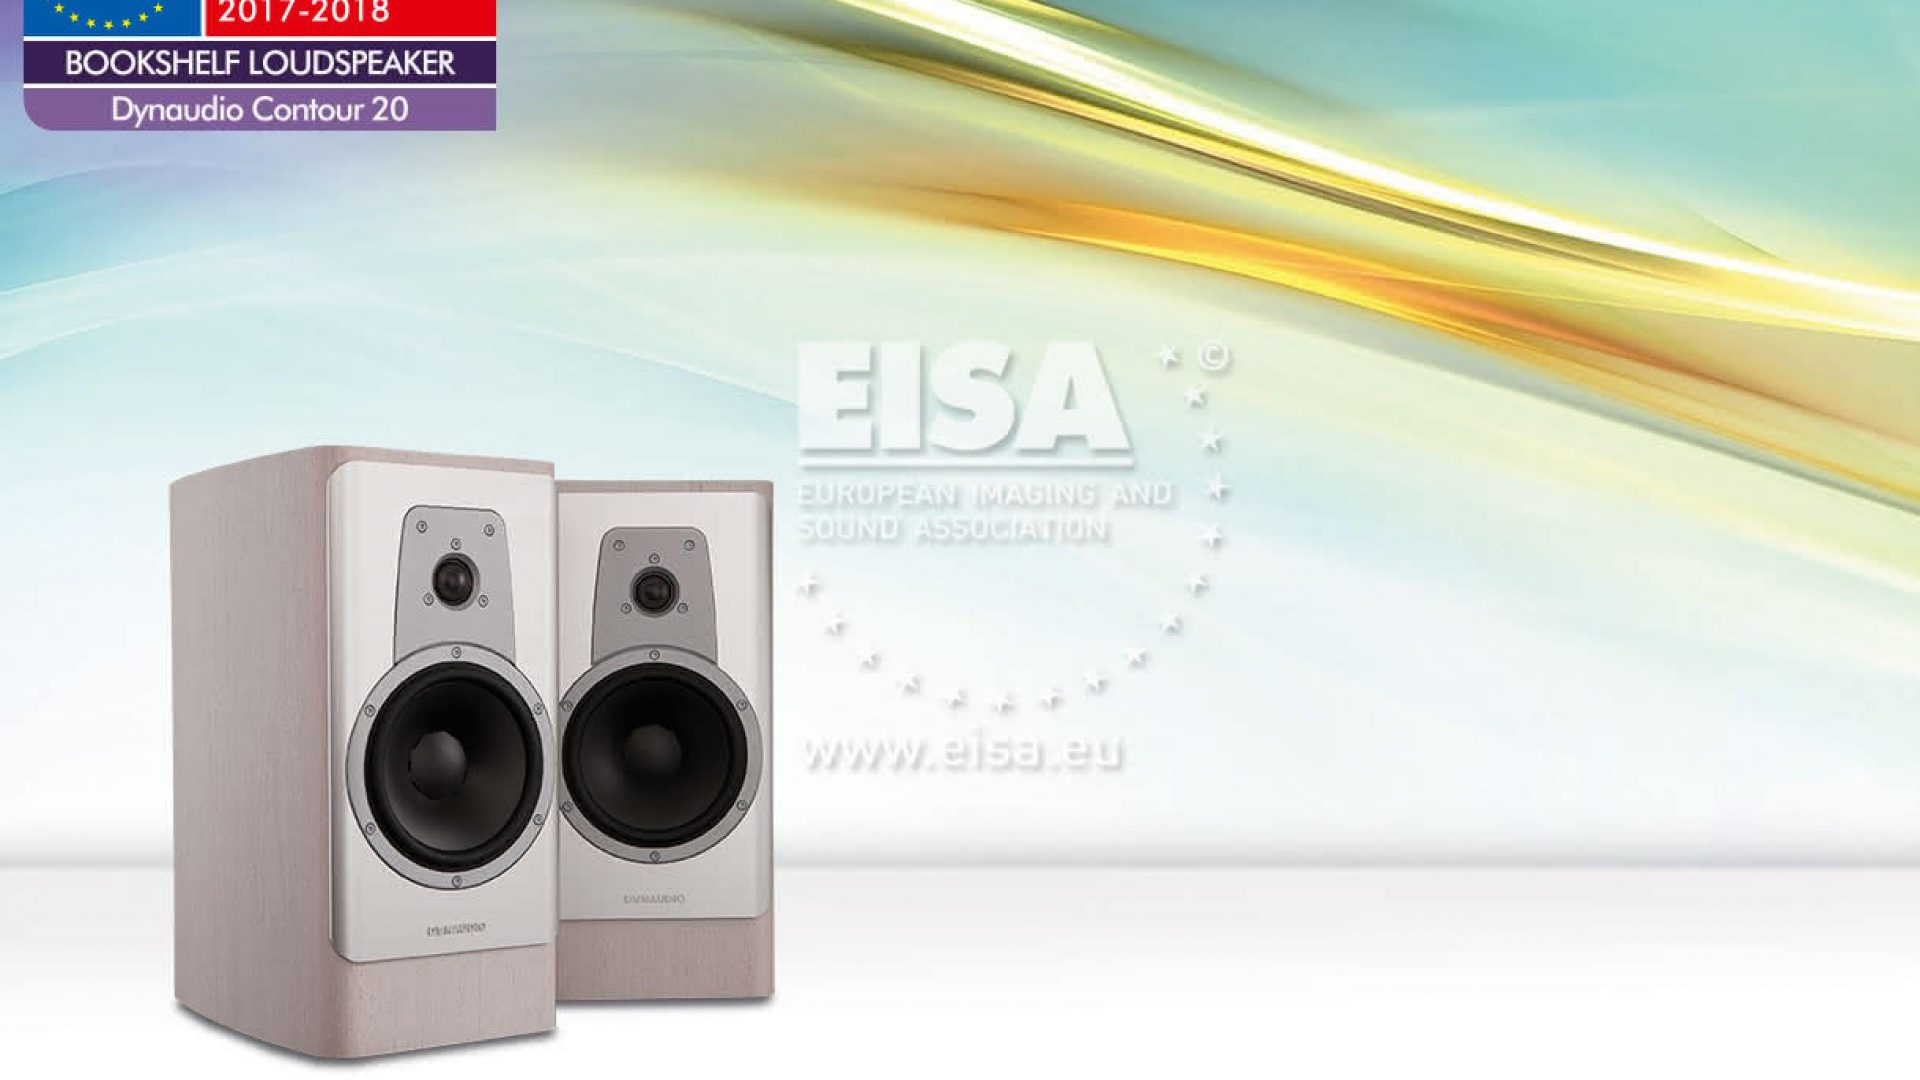 DynAudio Contour 20 – altavoces – EISA 2017-2018